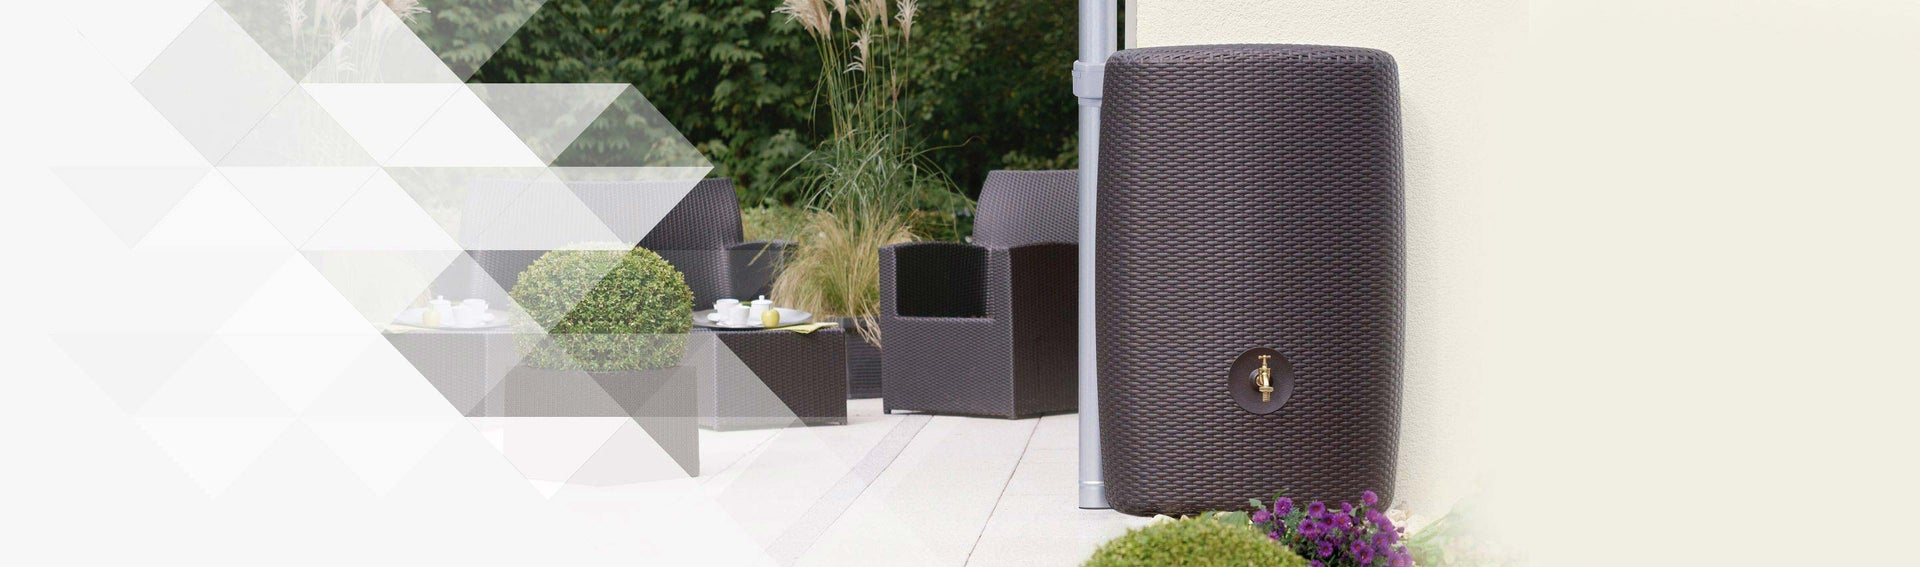 arrosage pompe et r cup rateur d 39 eau de pluie leroy merlin. Black Bedroom Furniture Sets. Home Design Ideas